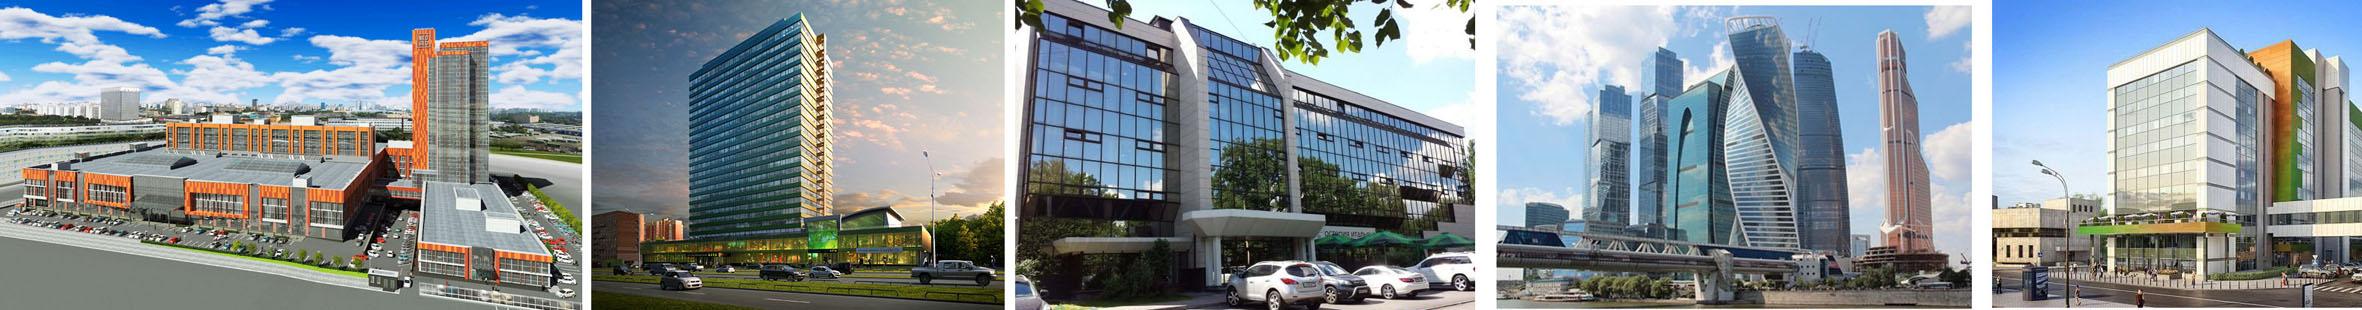 Компании по коммерческой недвижимости аренда офисов в москве метро полежаевская